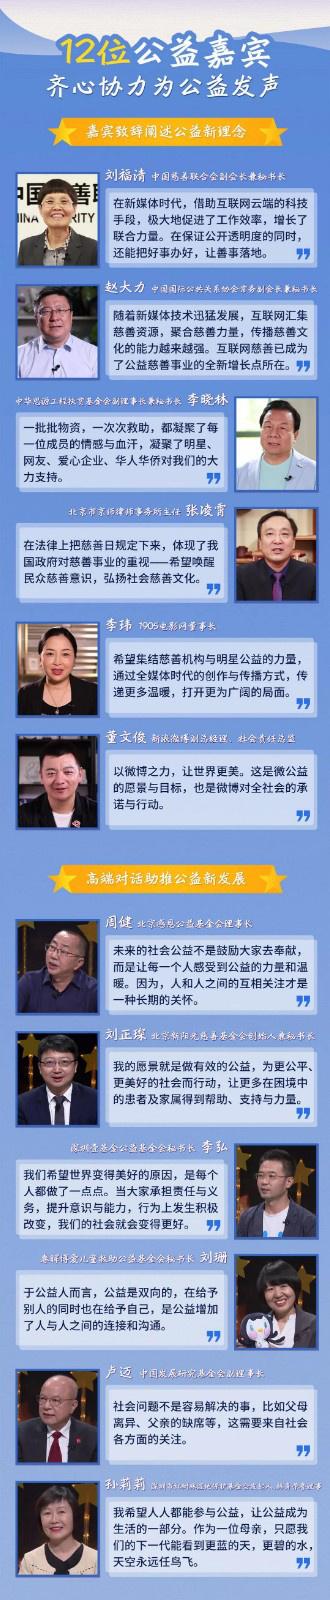 皇冠新现金网平台:爱的接力!电影频道携手群星讲述中国公益故事 第19张